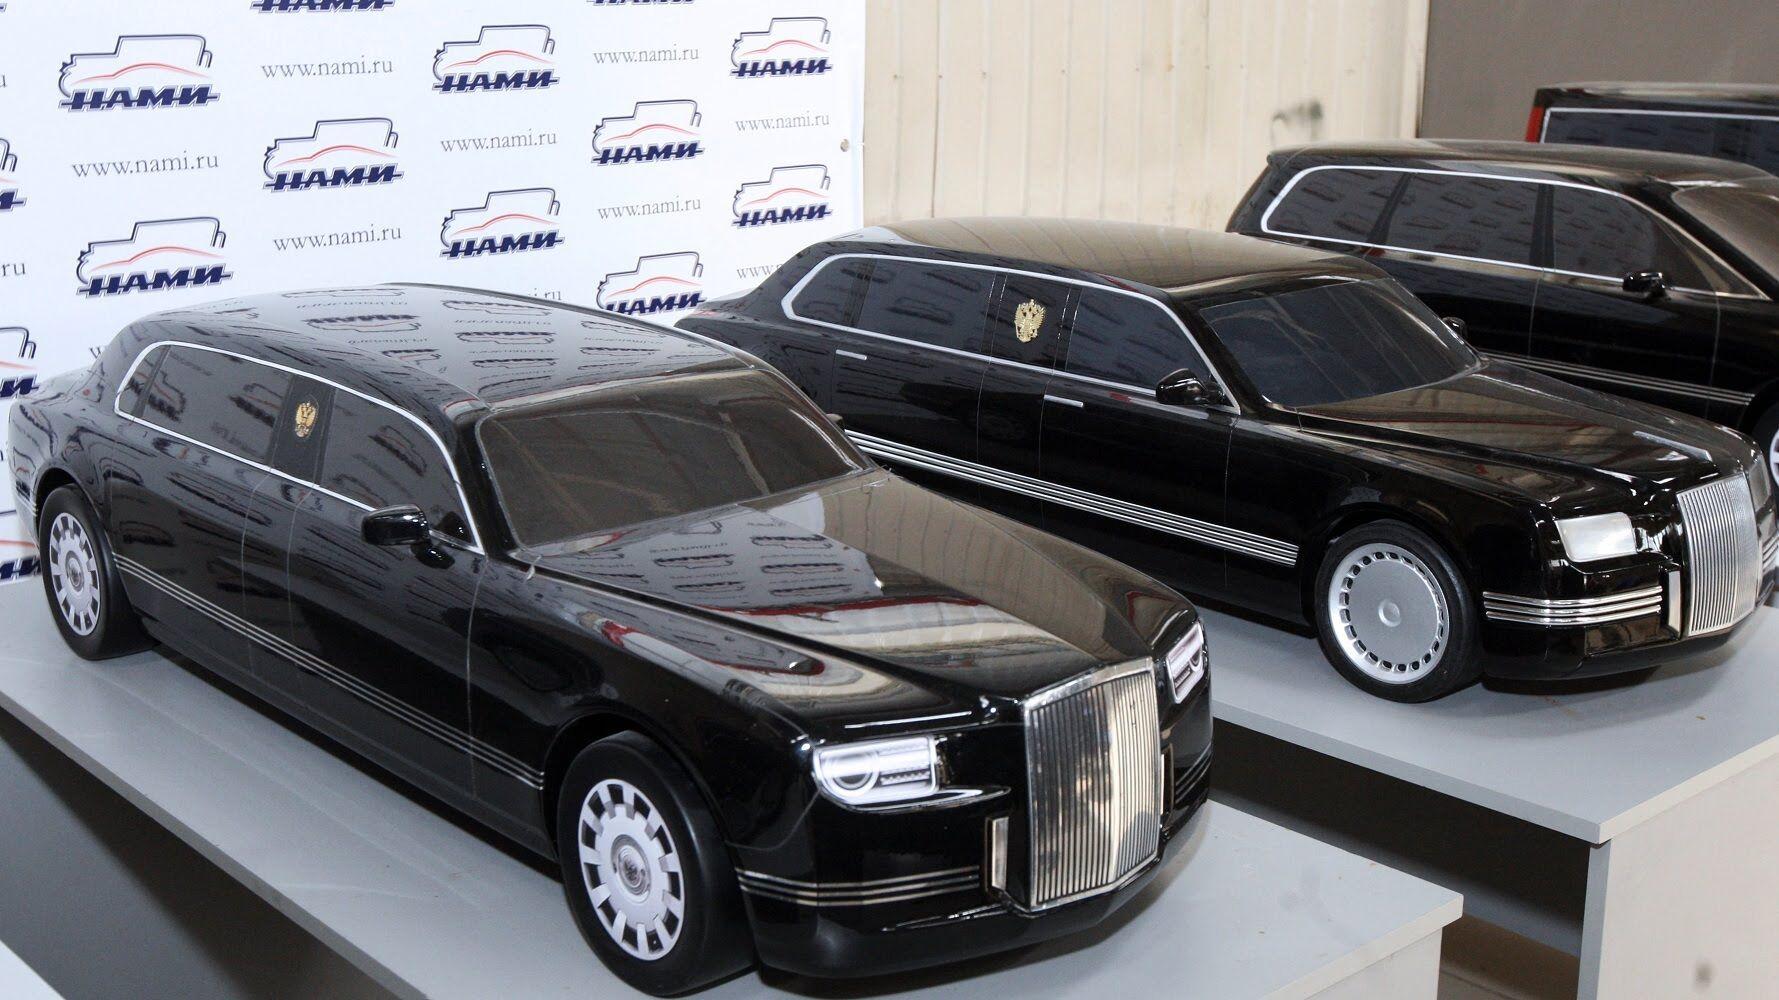 Забота о царе: для Путина разбили новый лимузин ...